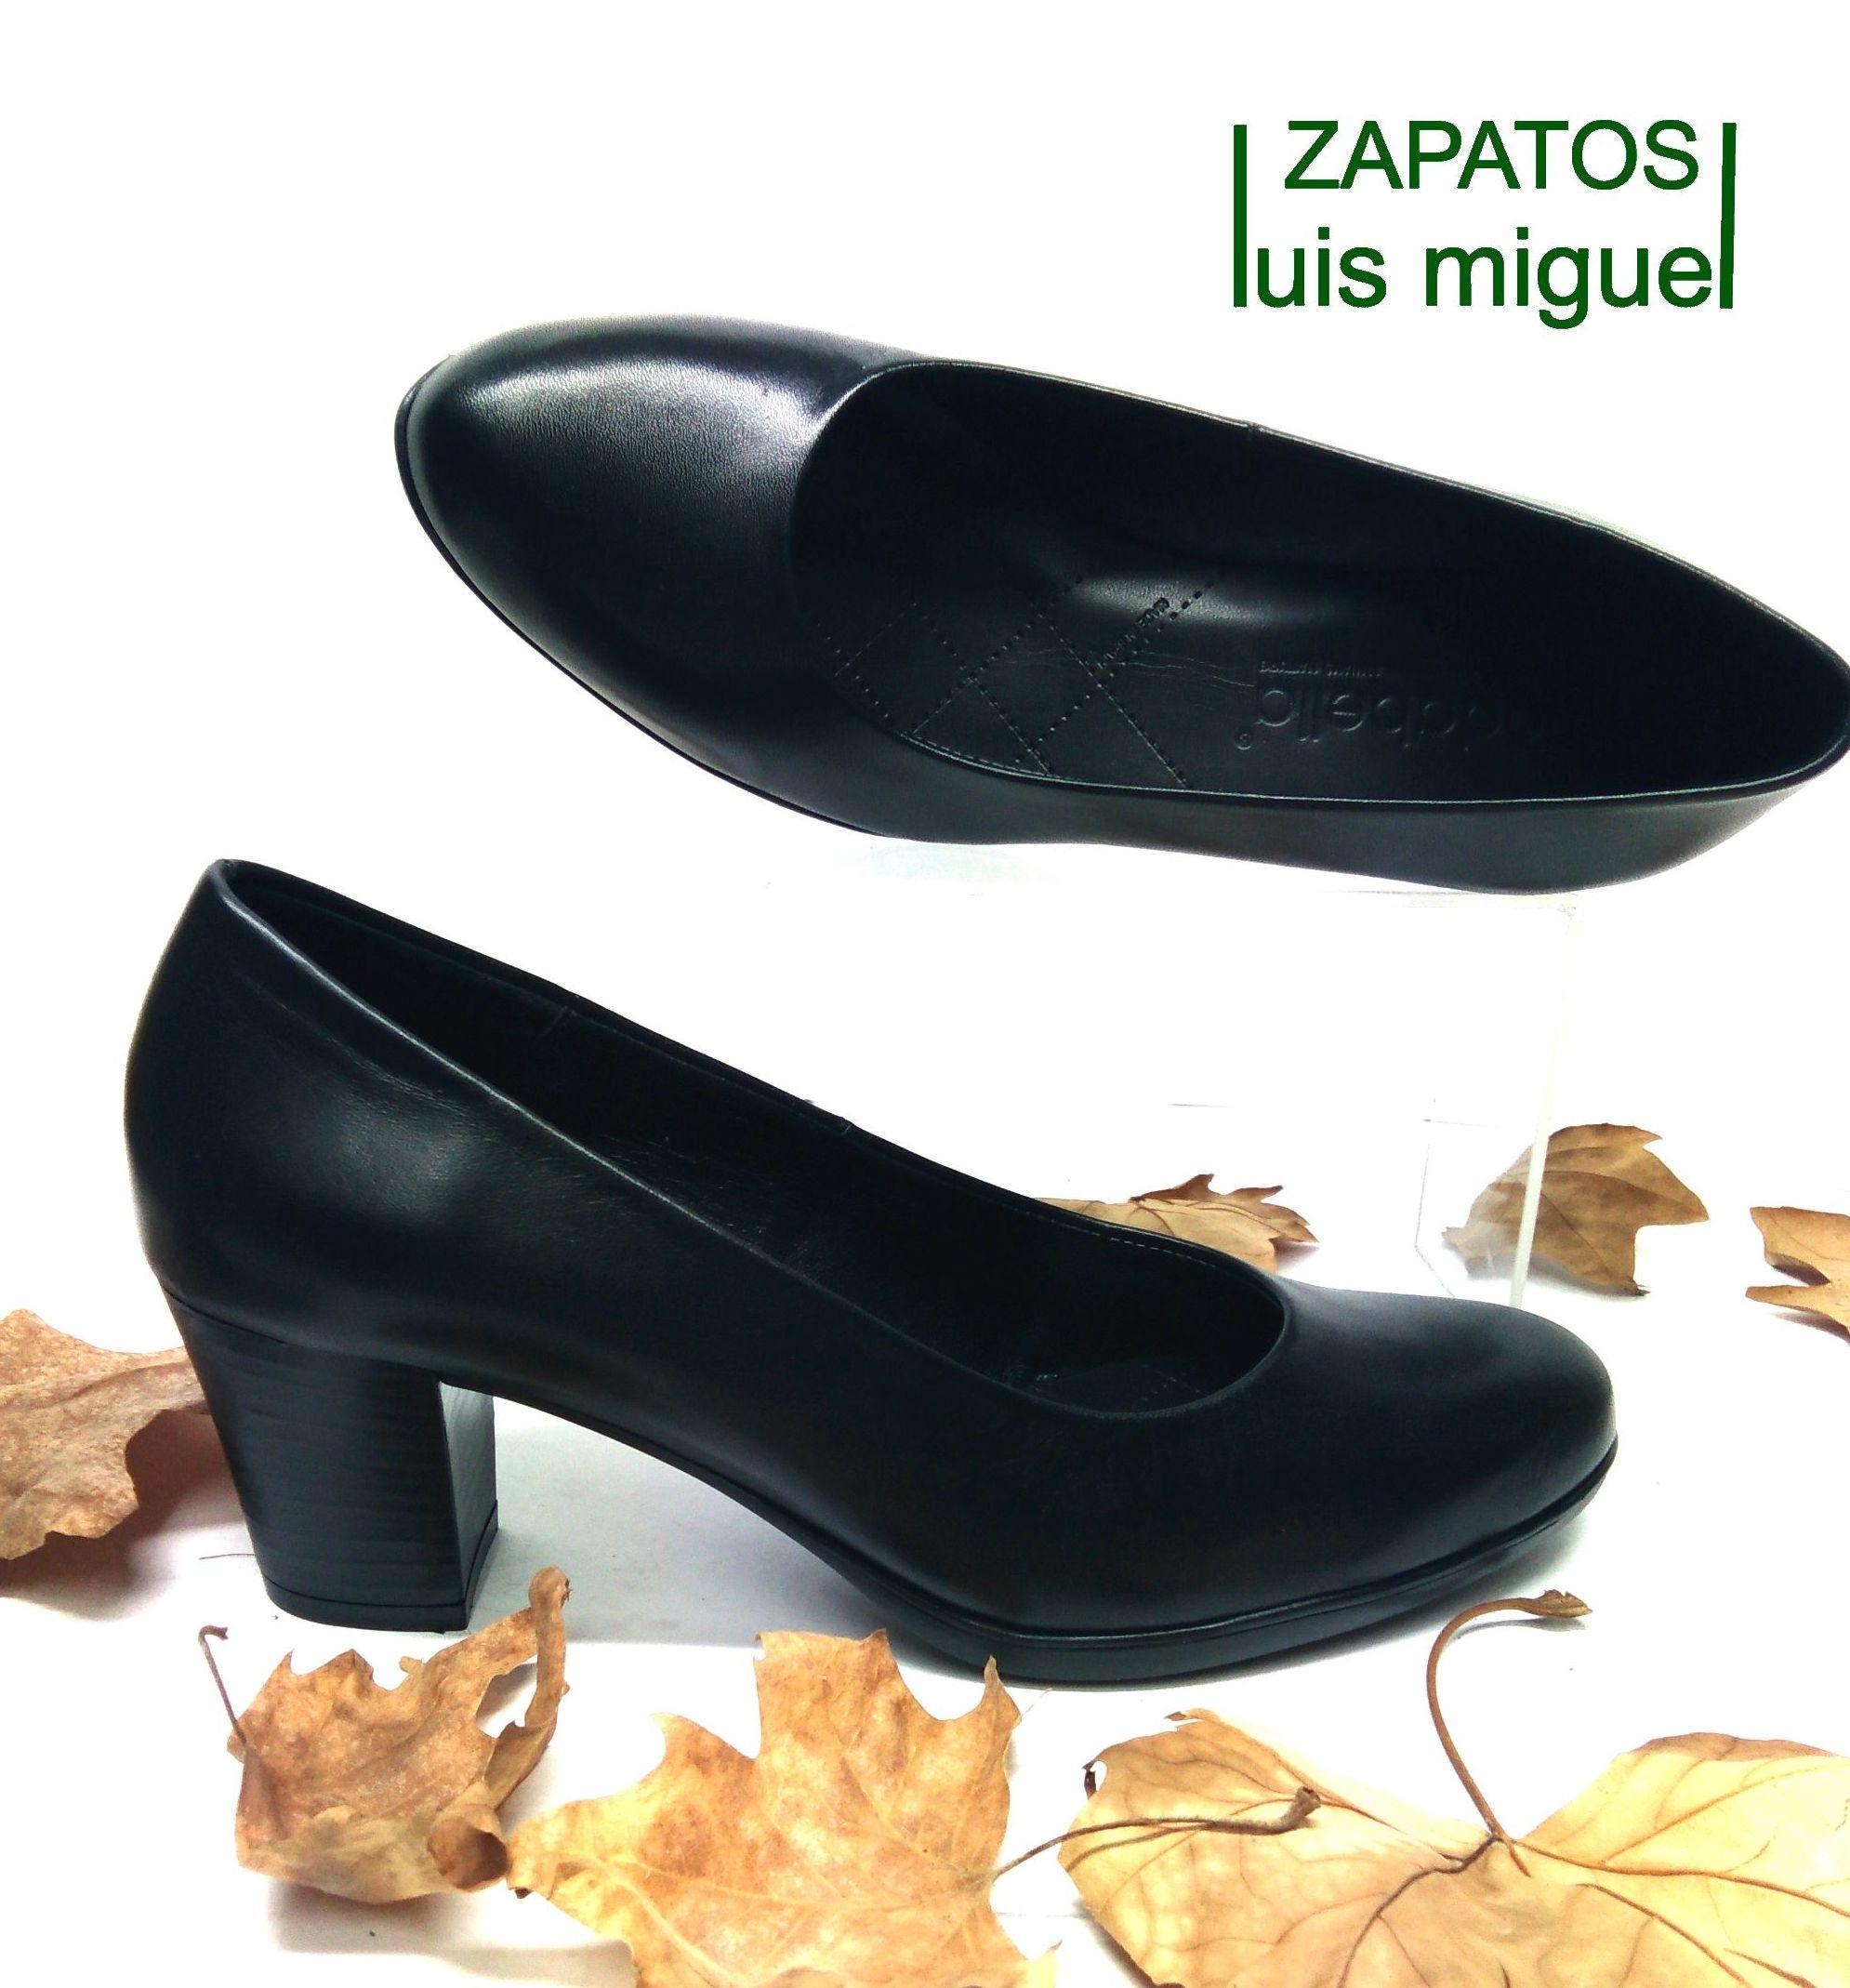 salon clasico: Catalogo de productos de Zapatos Luis Miguel